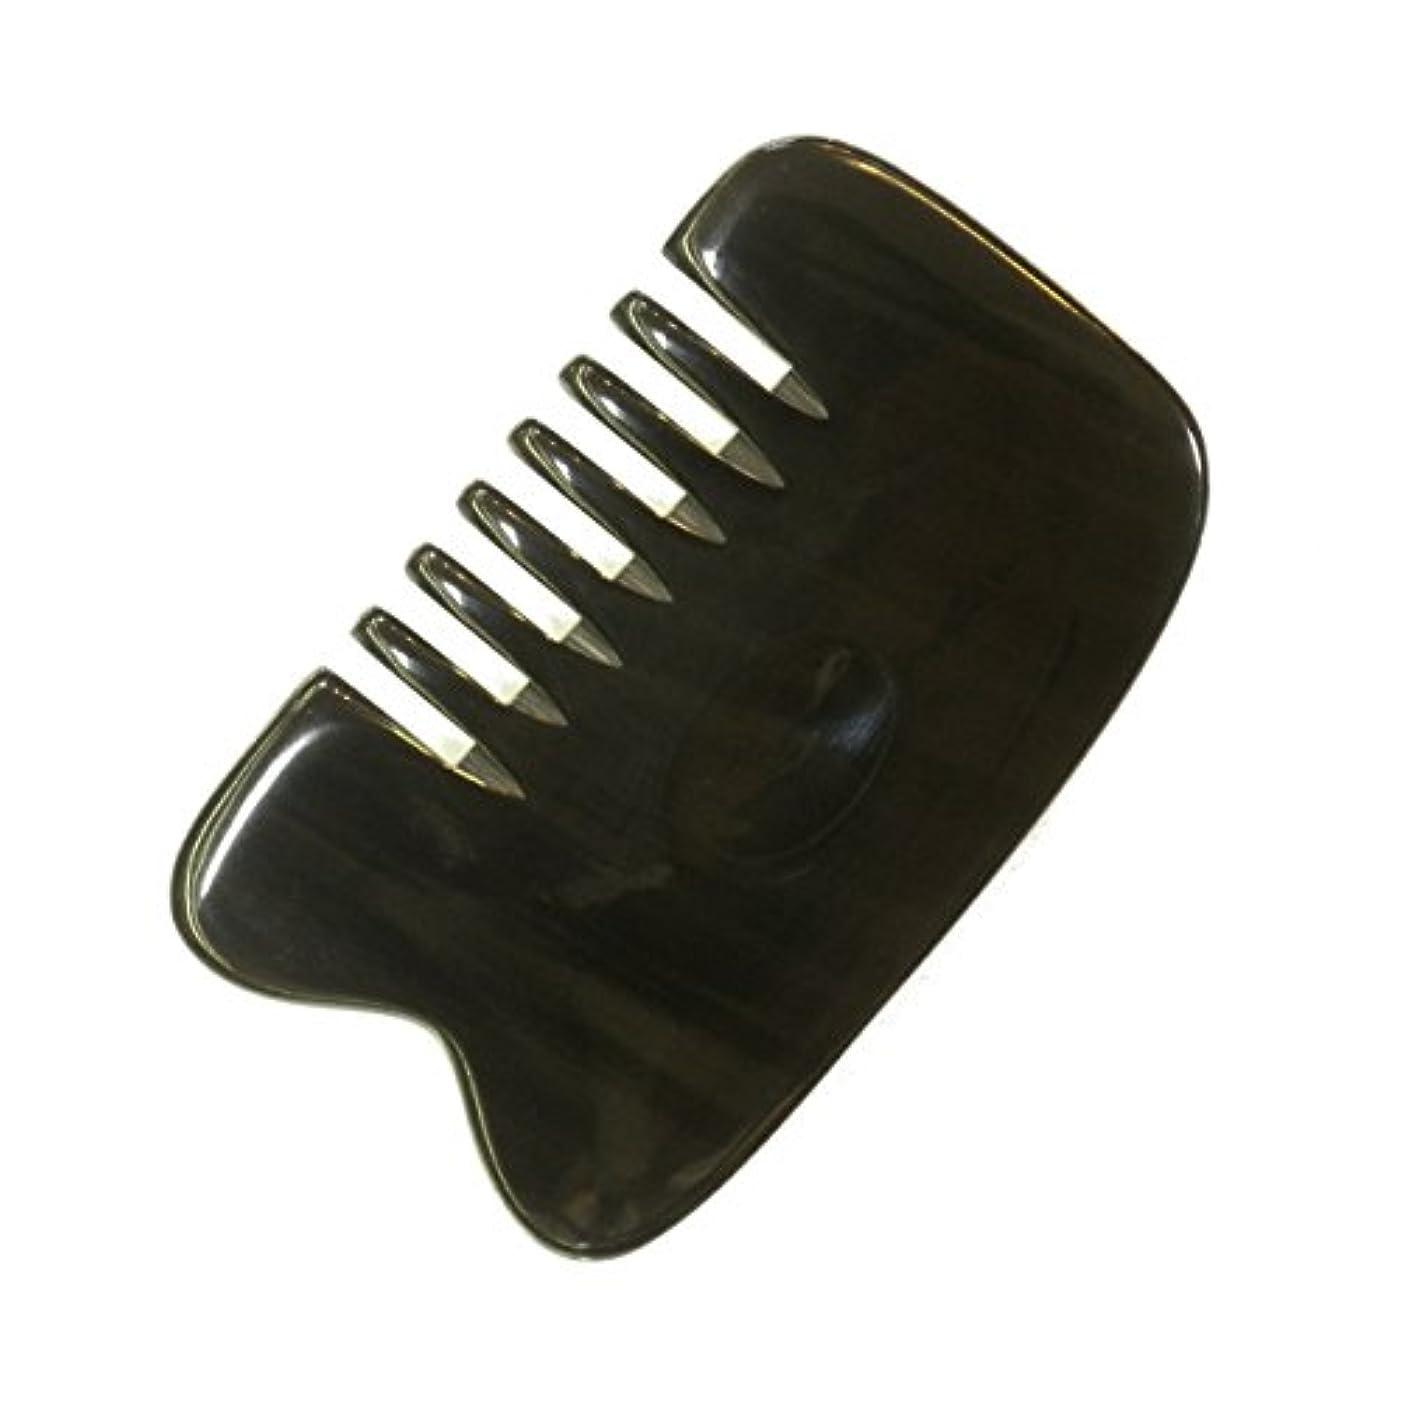 説得ジャズ昨日かっさ プレート 厚さが選べる 水牛の角(黒水牛角) EHE221SP 櫛型 特級品 少し厚め(7ミリ程度)